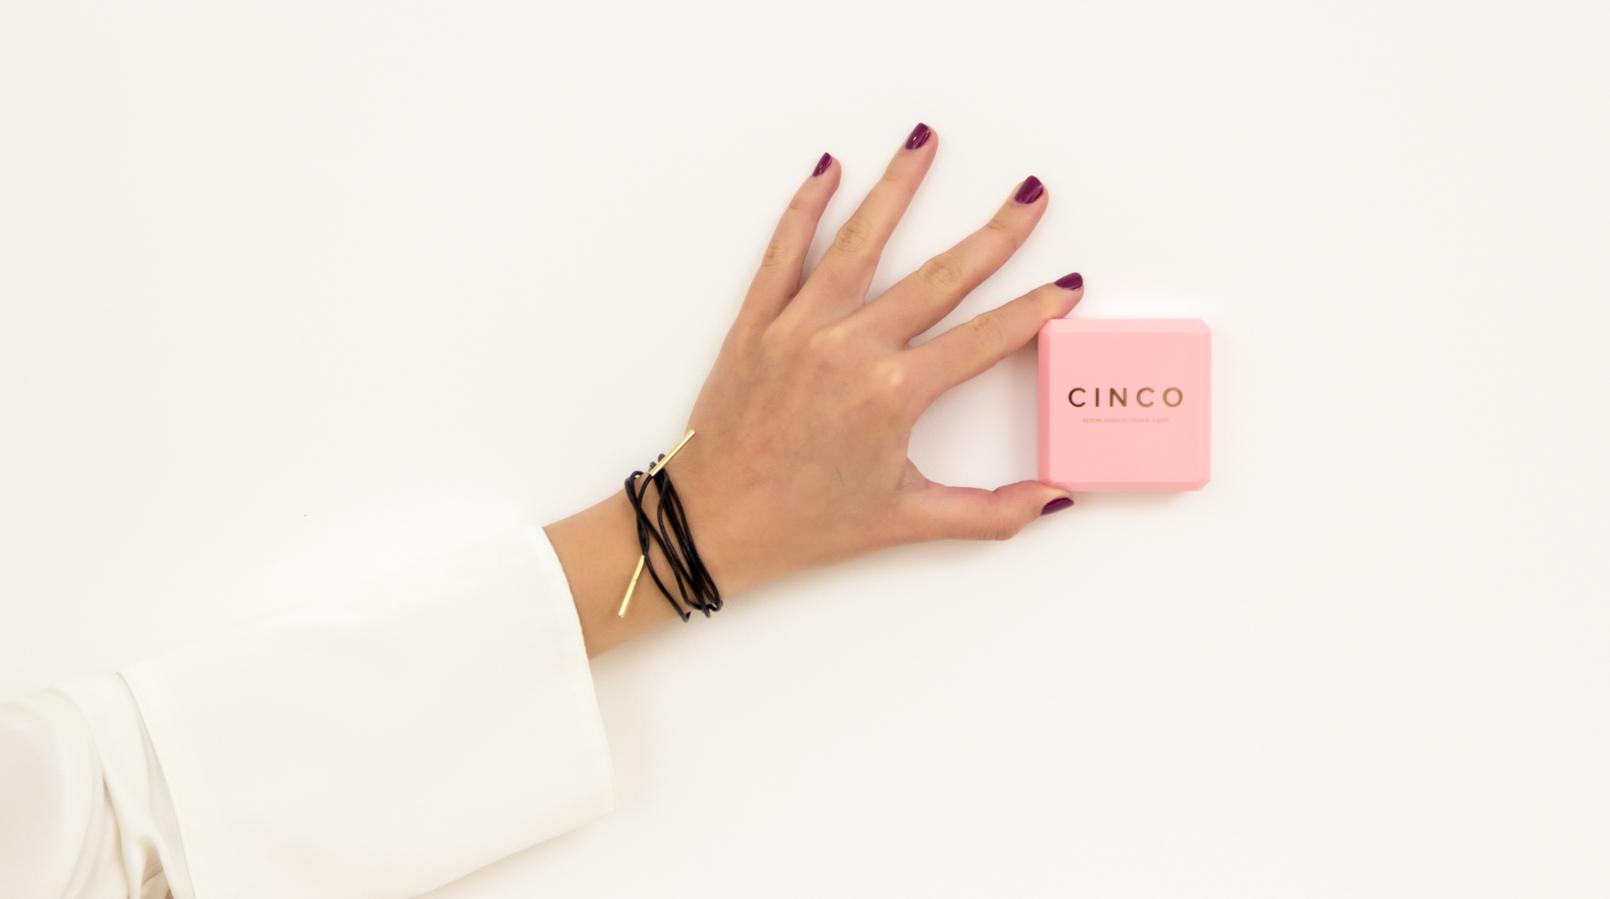 Le Fashionaire Cinco: a marca de jóias do momento moda inspiracao choker pele preta prata dourada agnes colar cinco 1357F PT